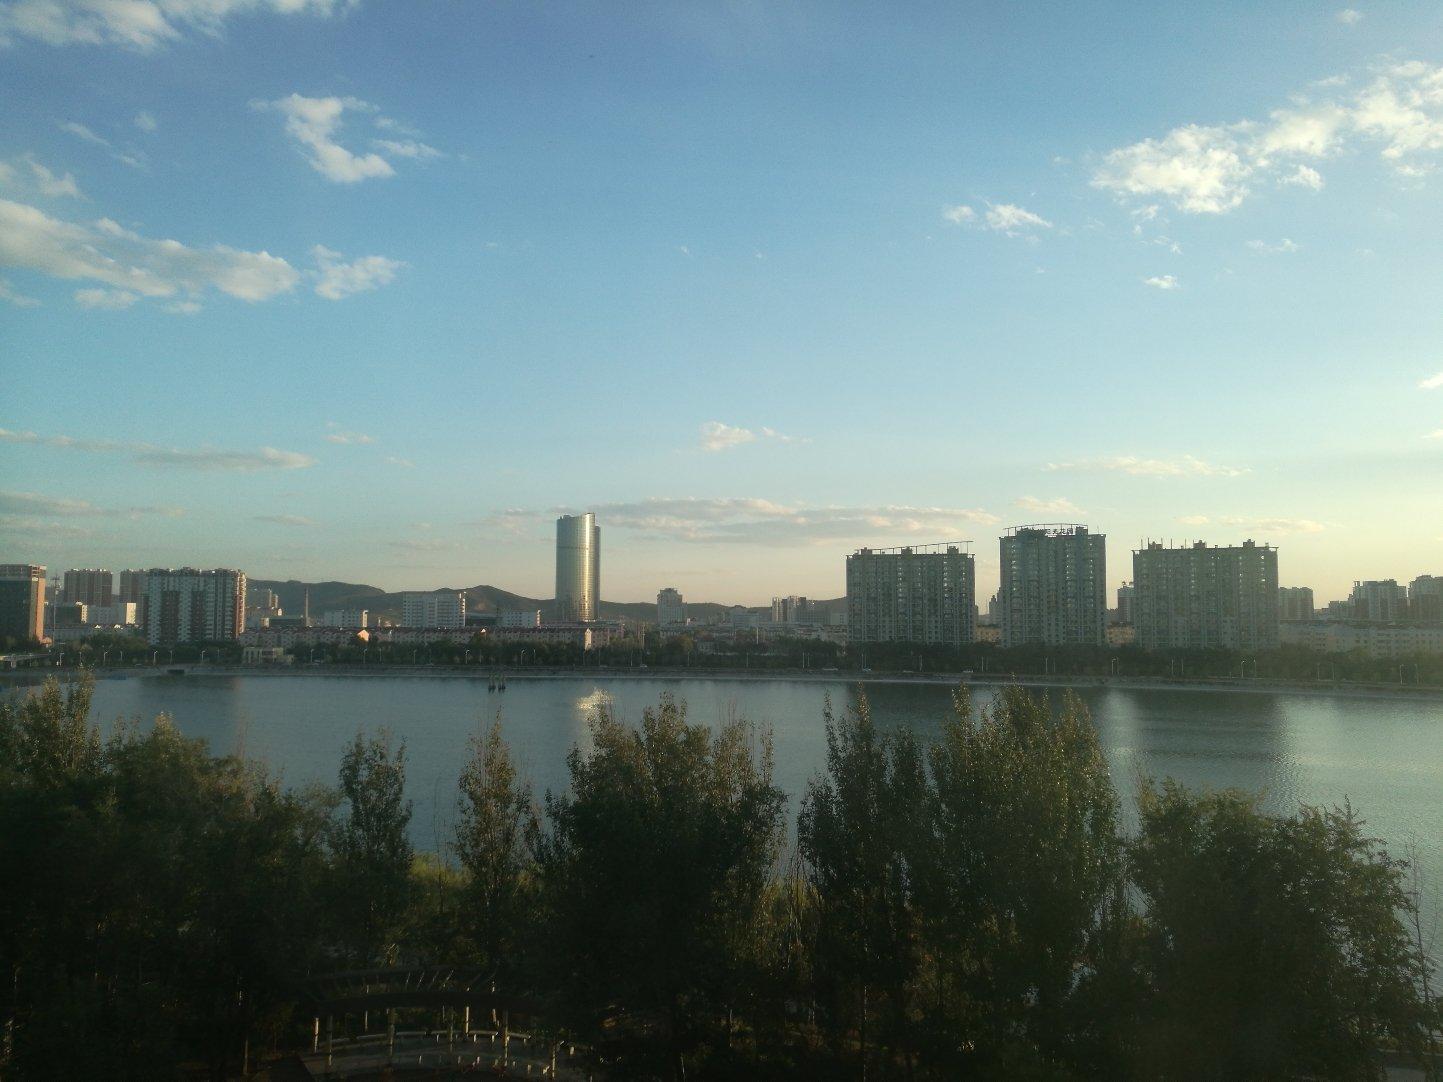 辽宁省锦州市古塔区成都街23-21号靠近万通公寓天气预报